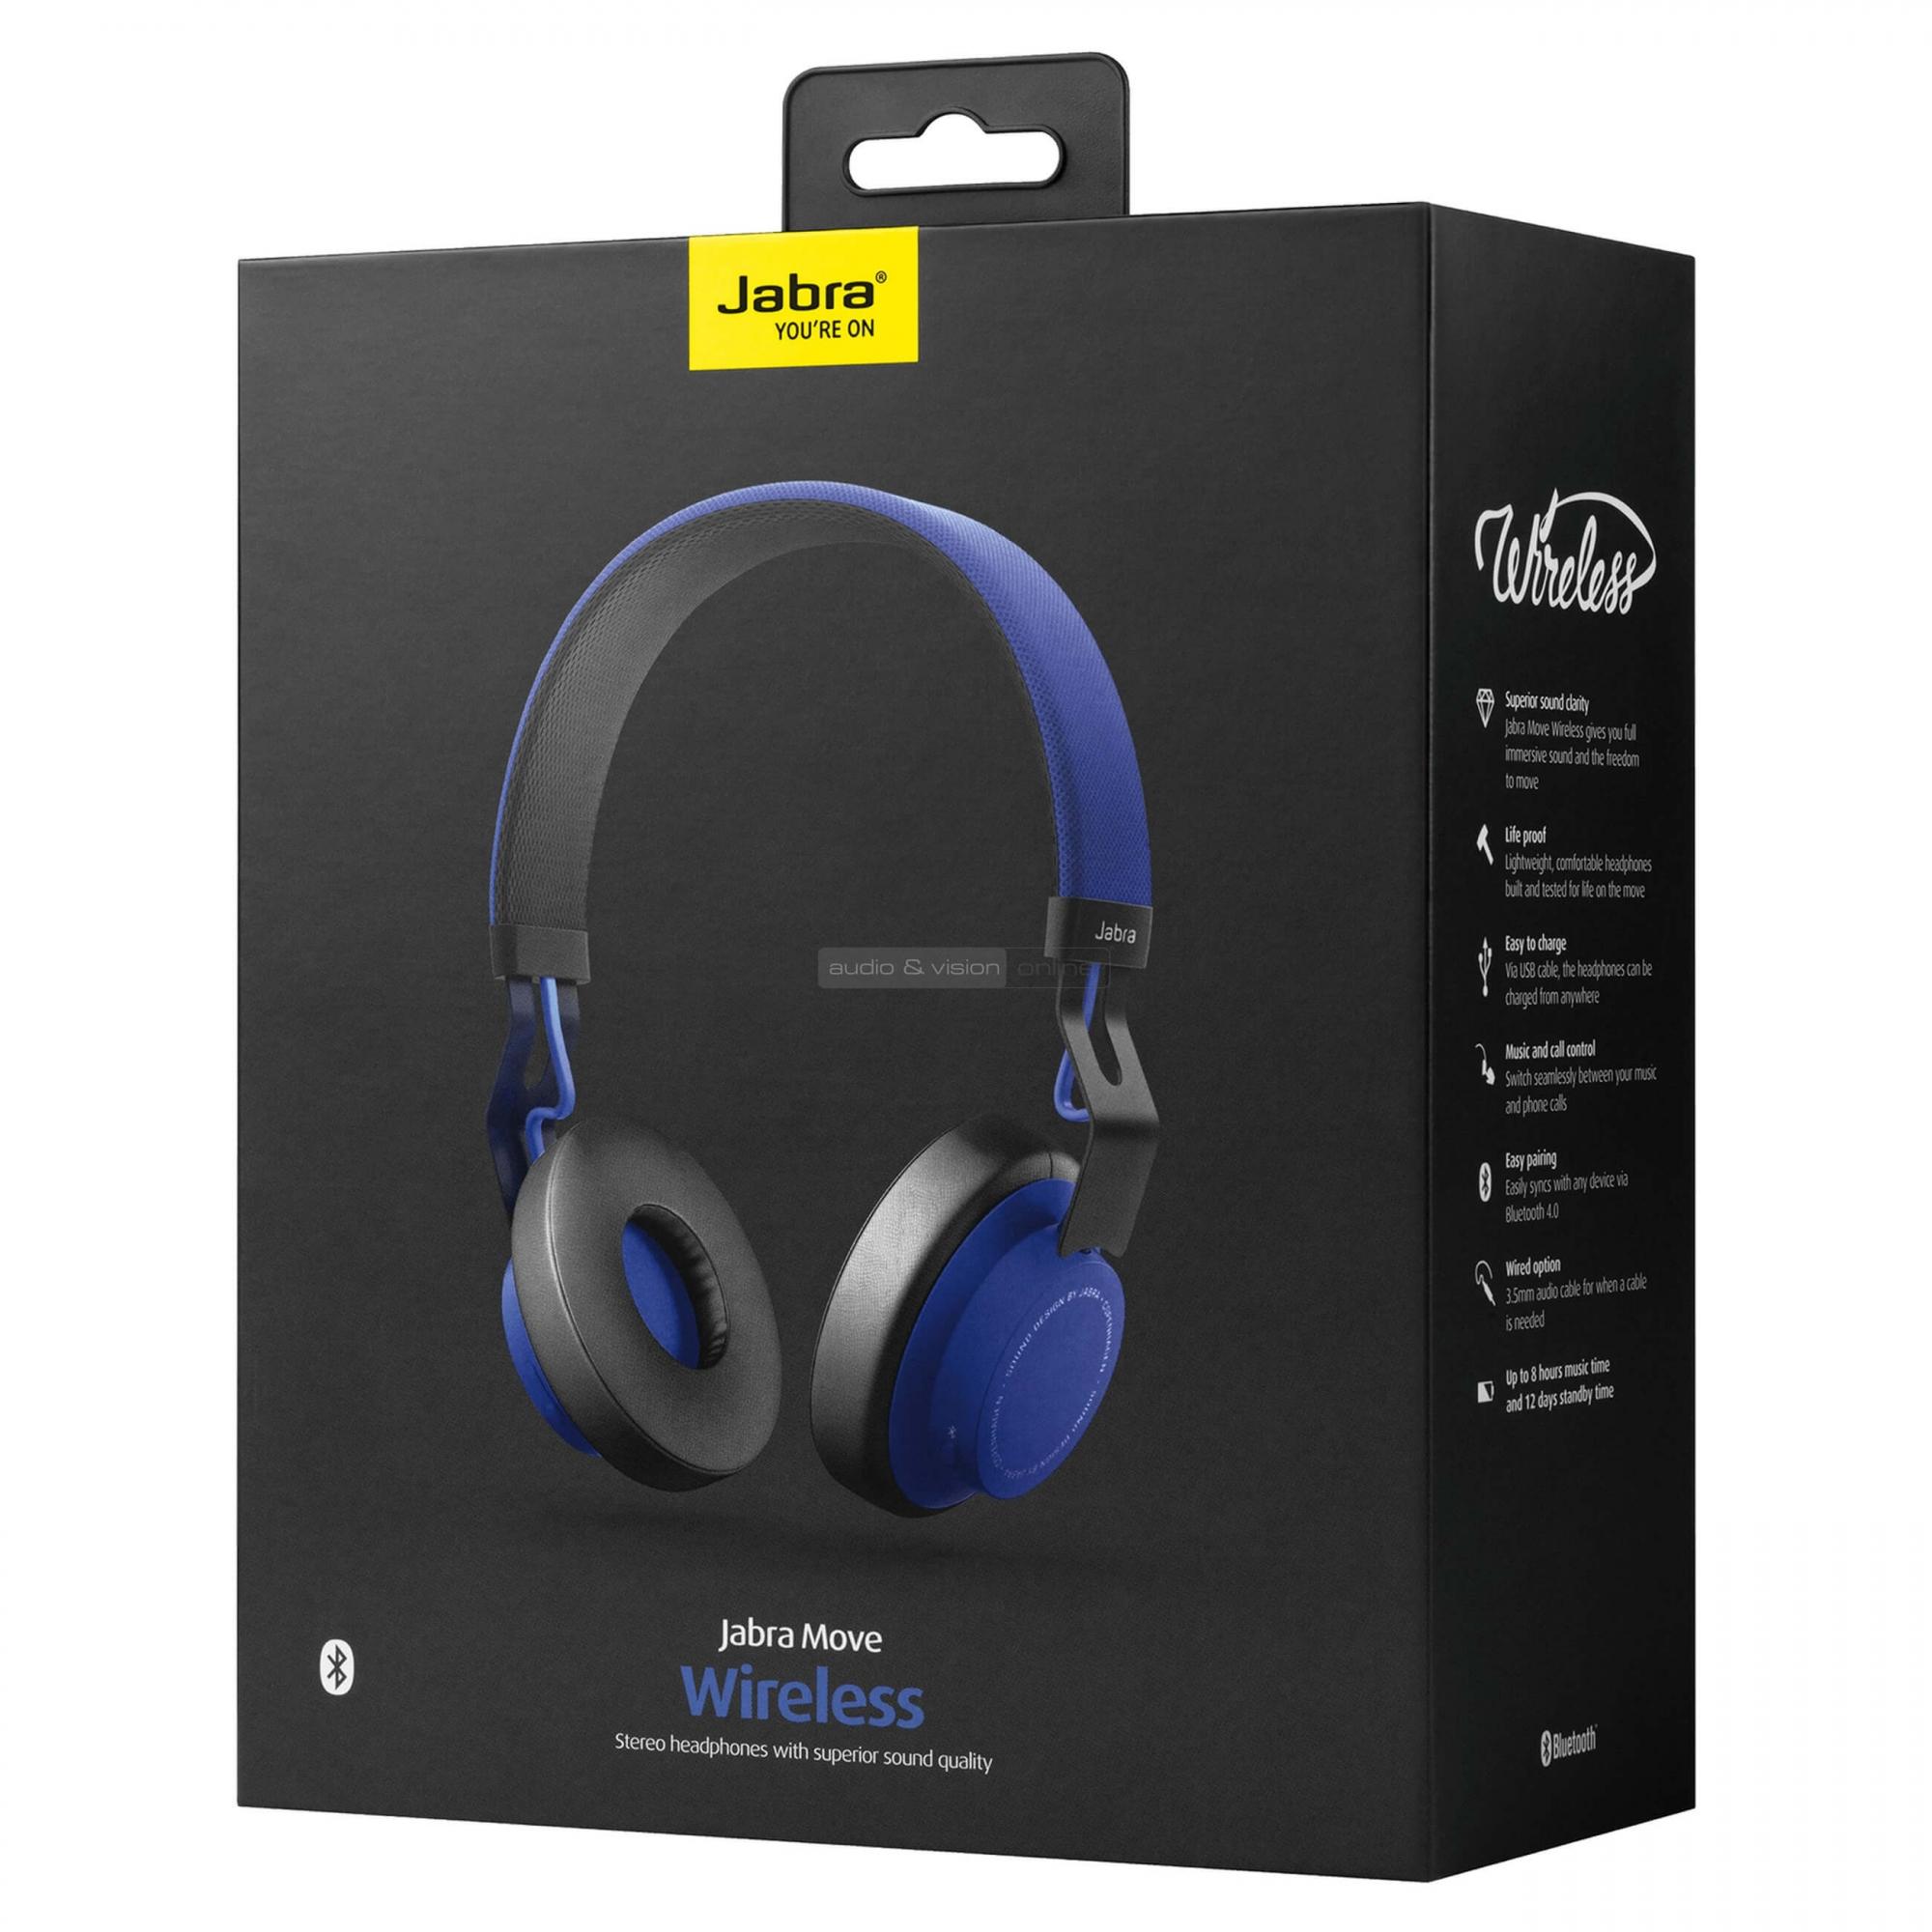 Jabra Move Wireless Bluetooth fejhallgató. Kattints ... 7cb9a86d48